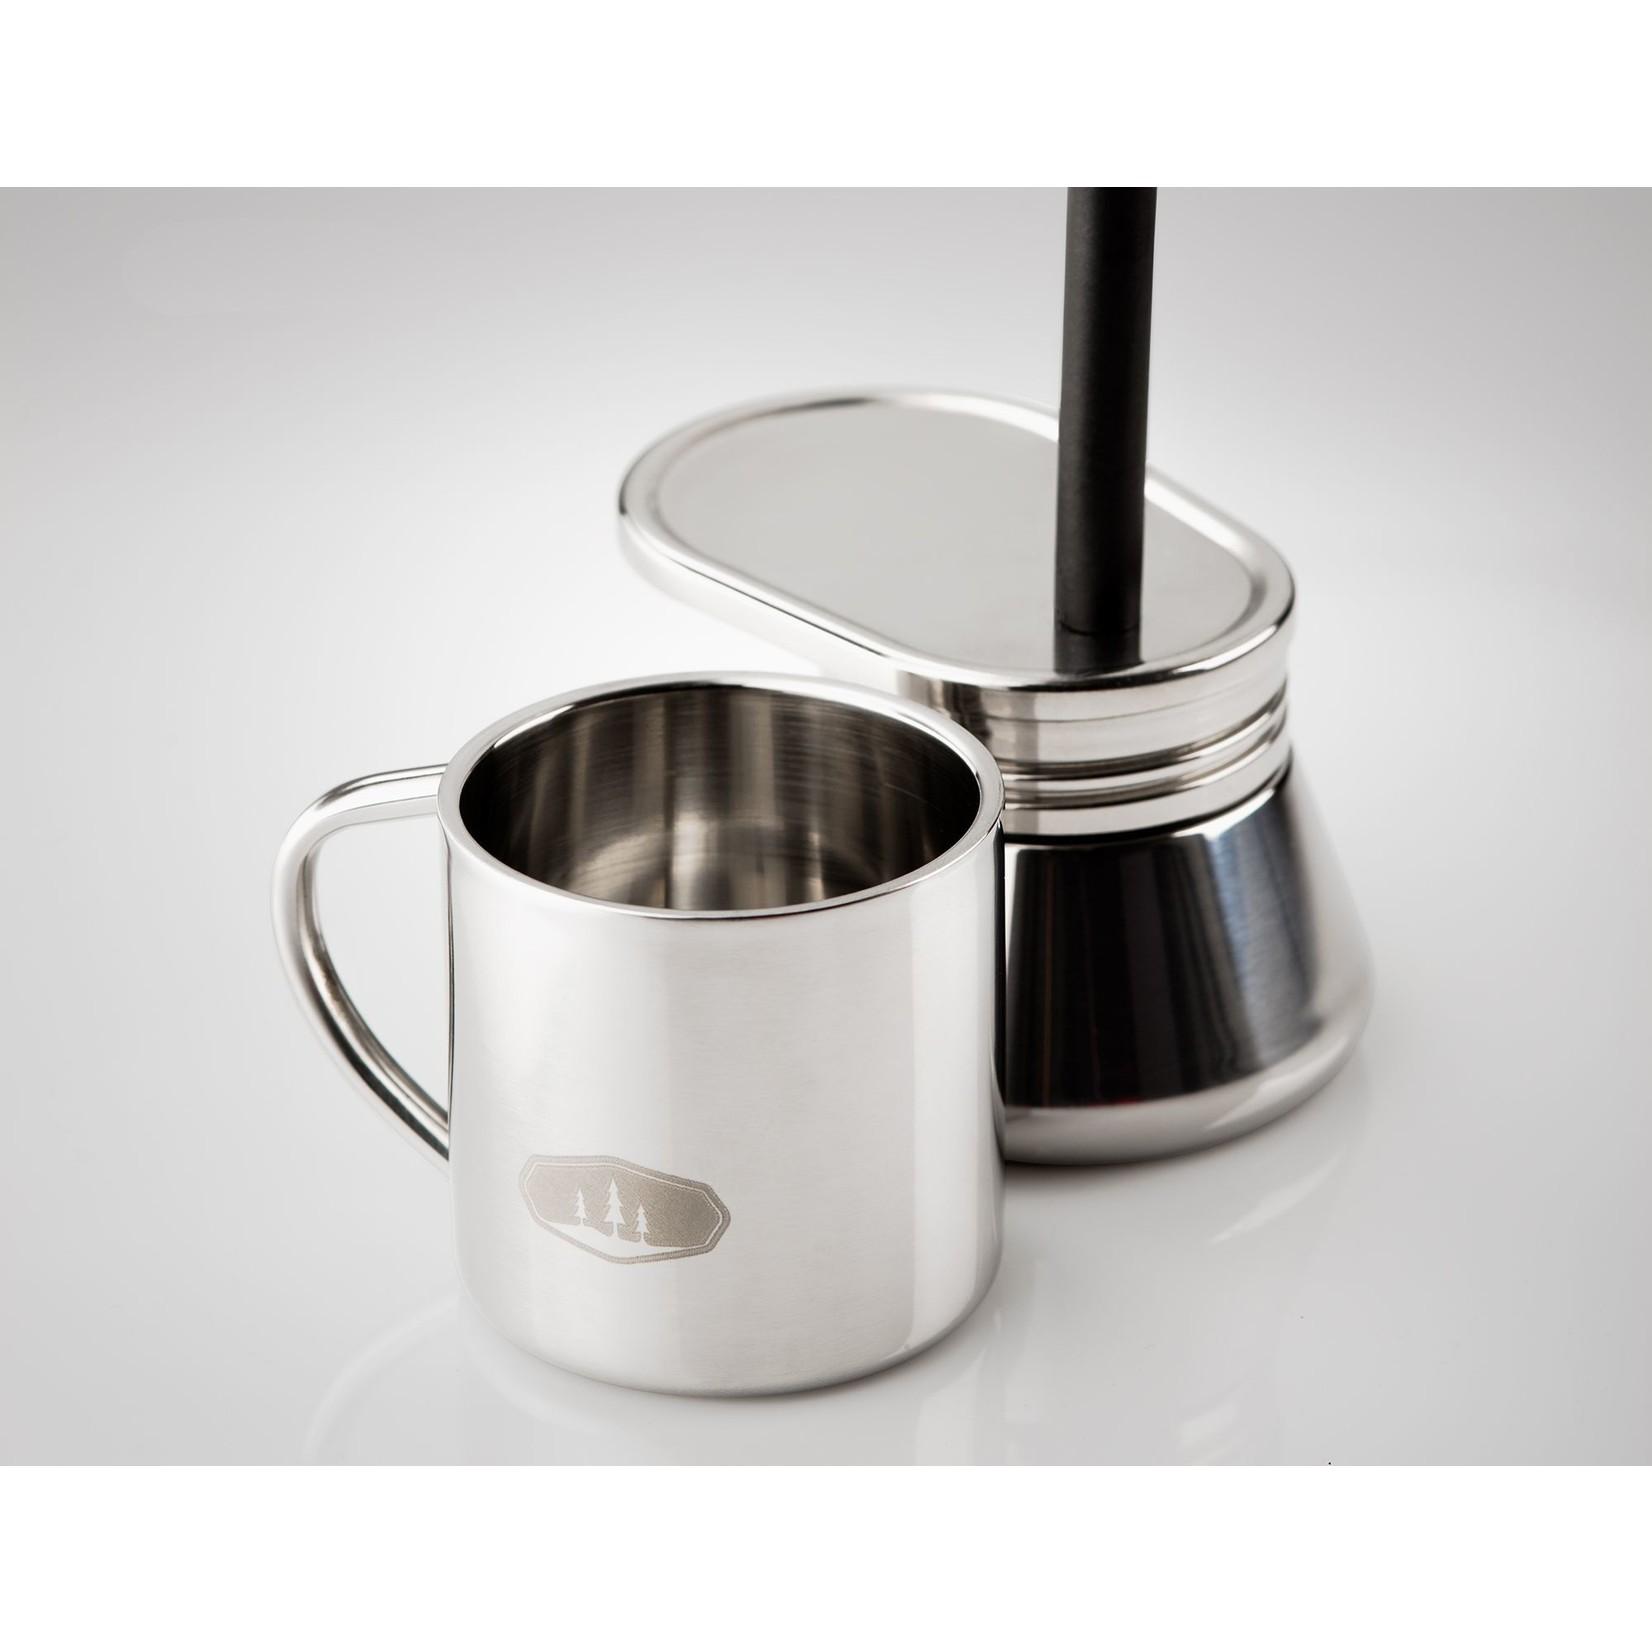 GSI Mini Espresso Set 1 Cup